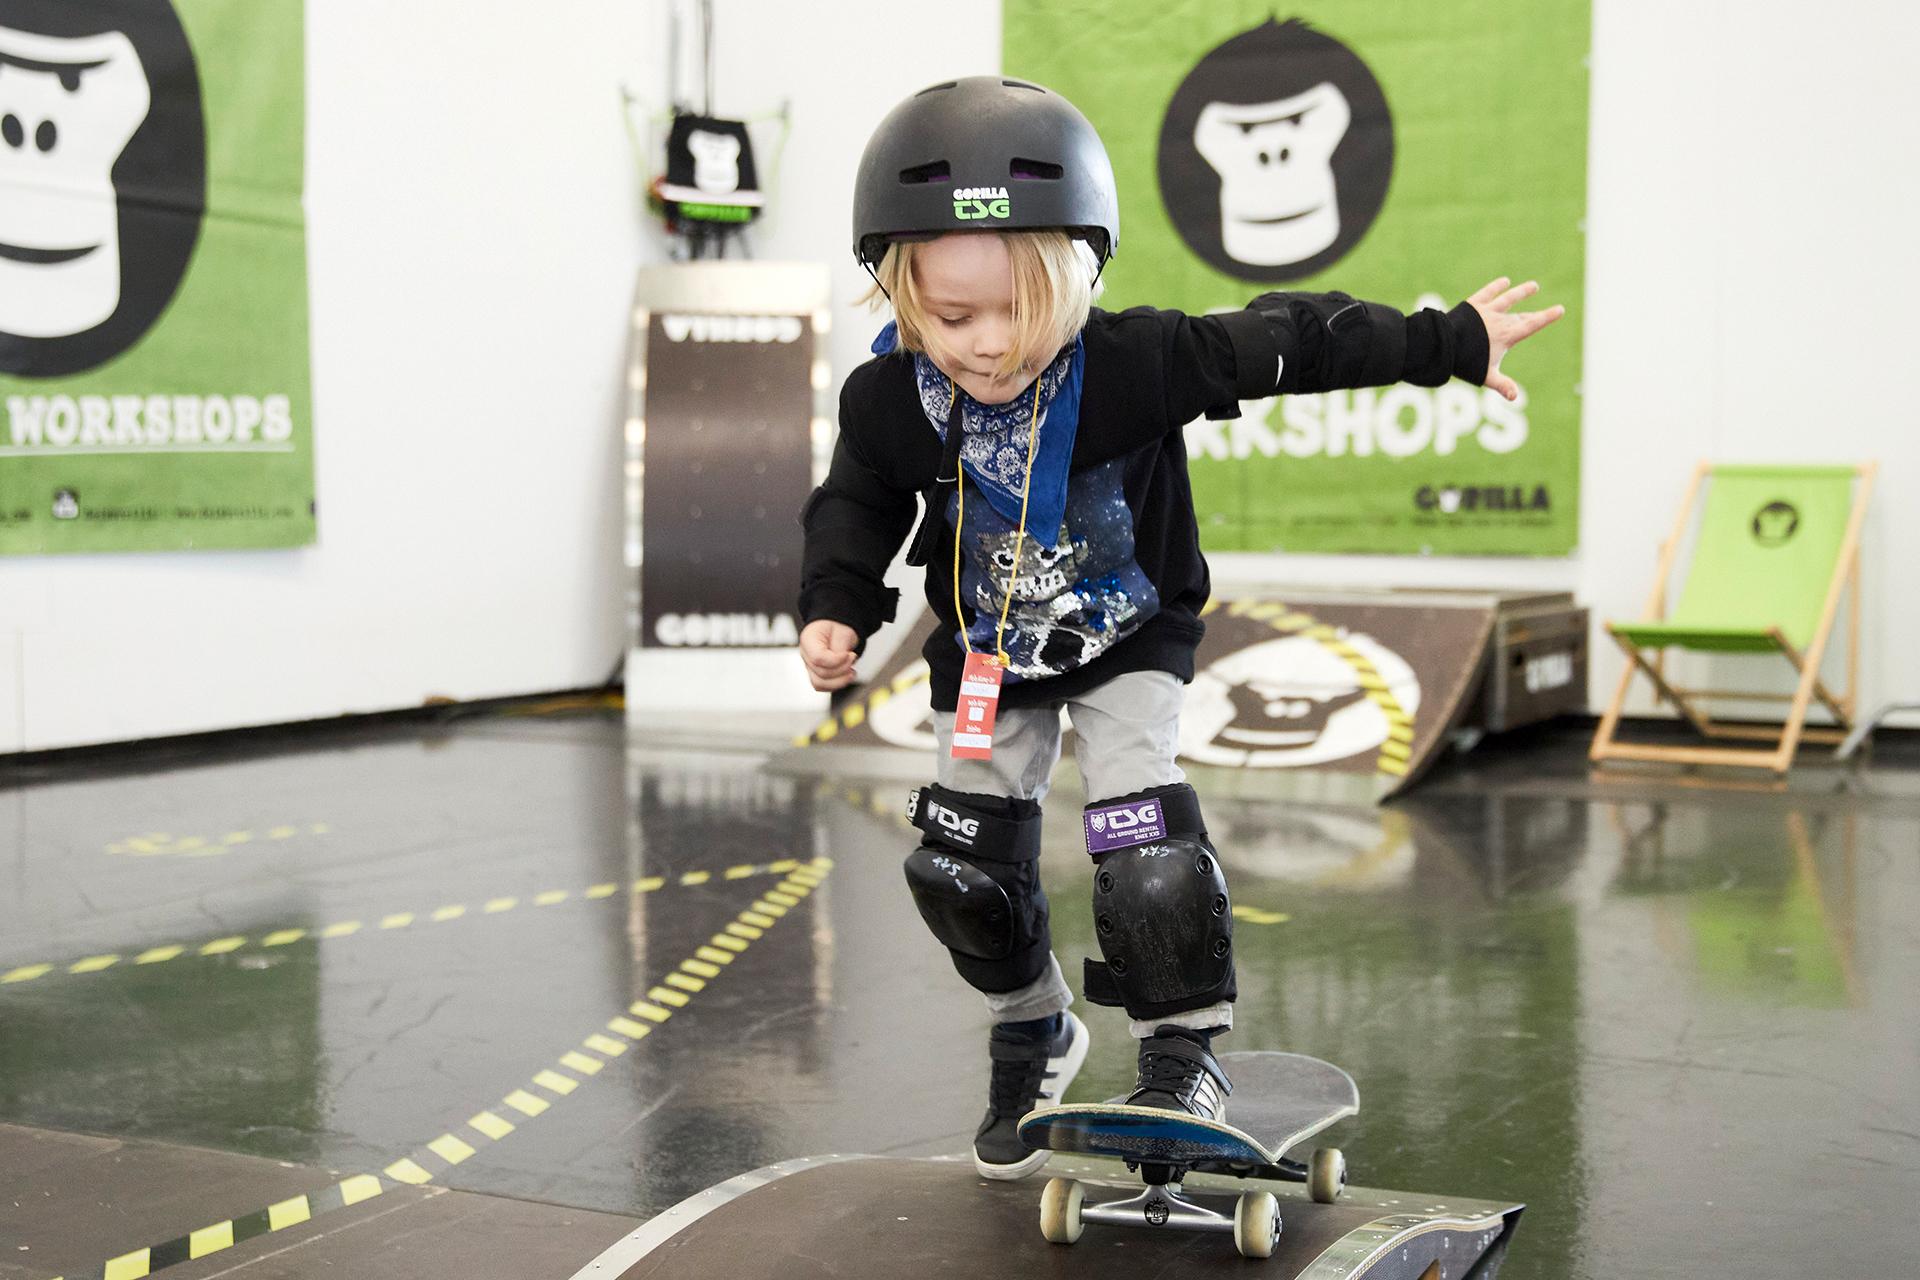 Die Kleinsten hatten viel Spaß auf dem Kids Gorilla Playground